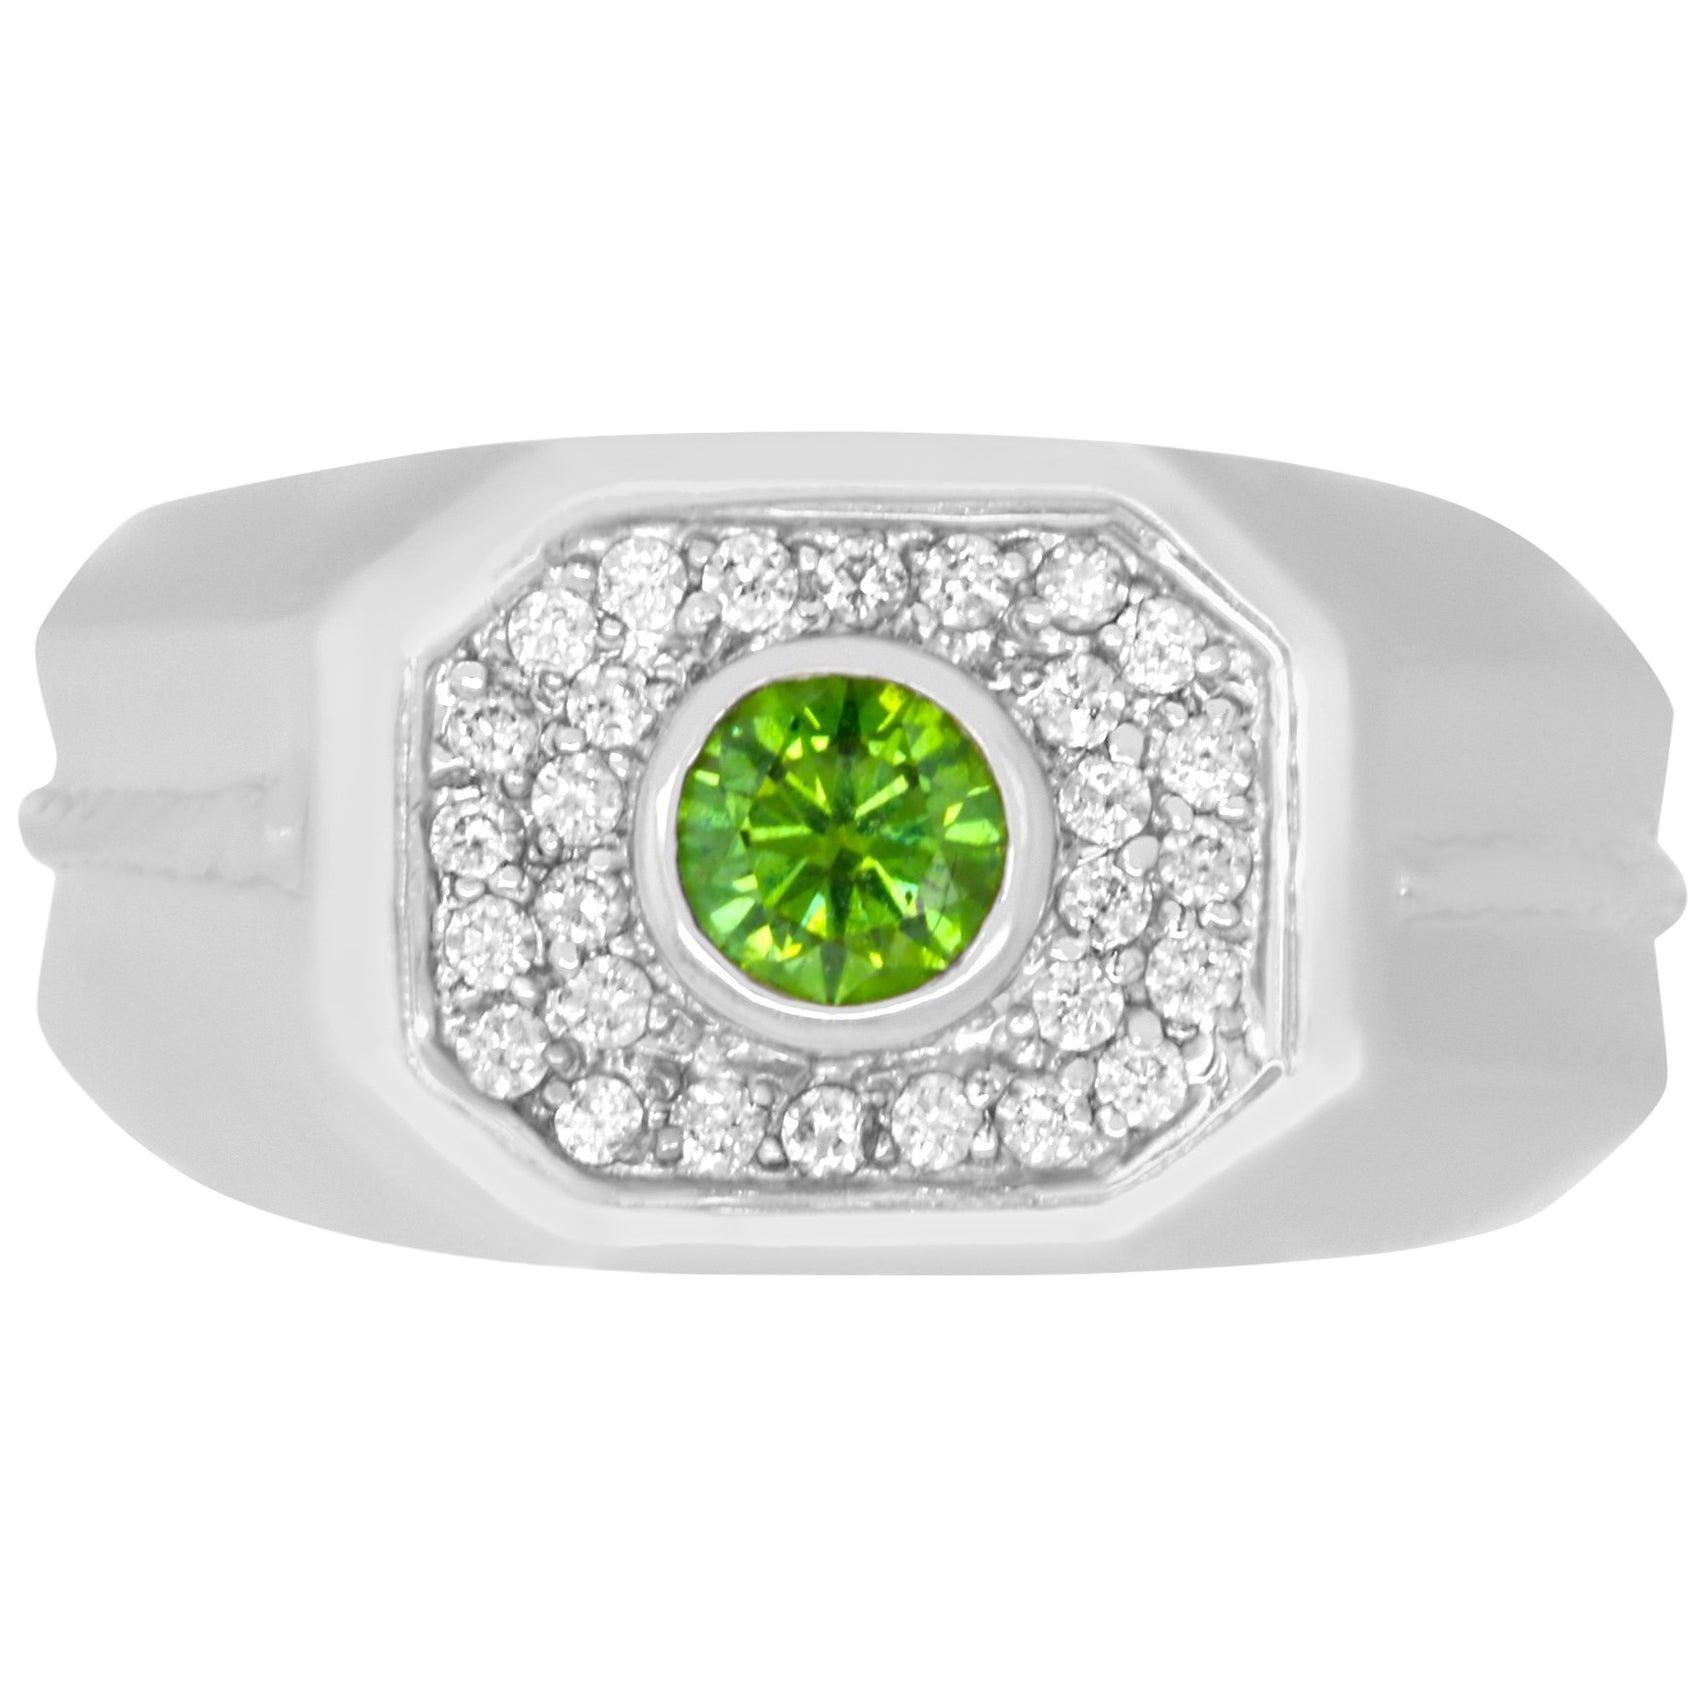 0.47 Carat Round Green Diamond 0.32 Carat White Diamond Men's Ring Band 14K Gold